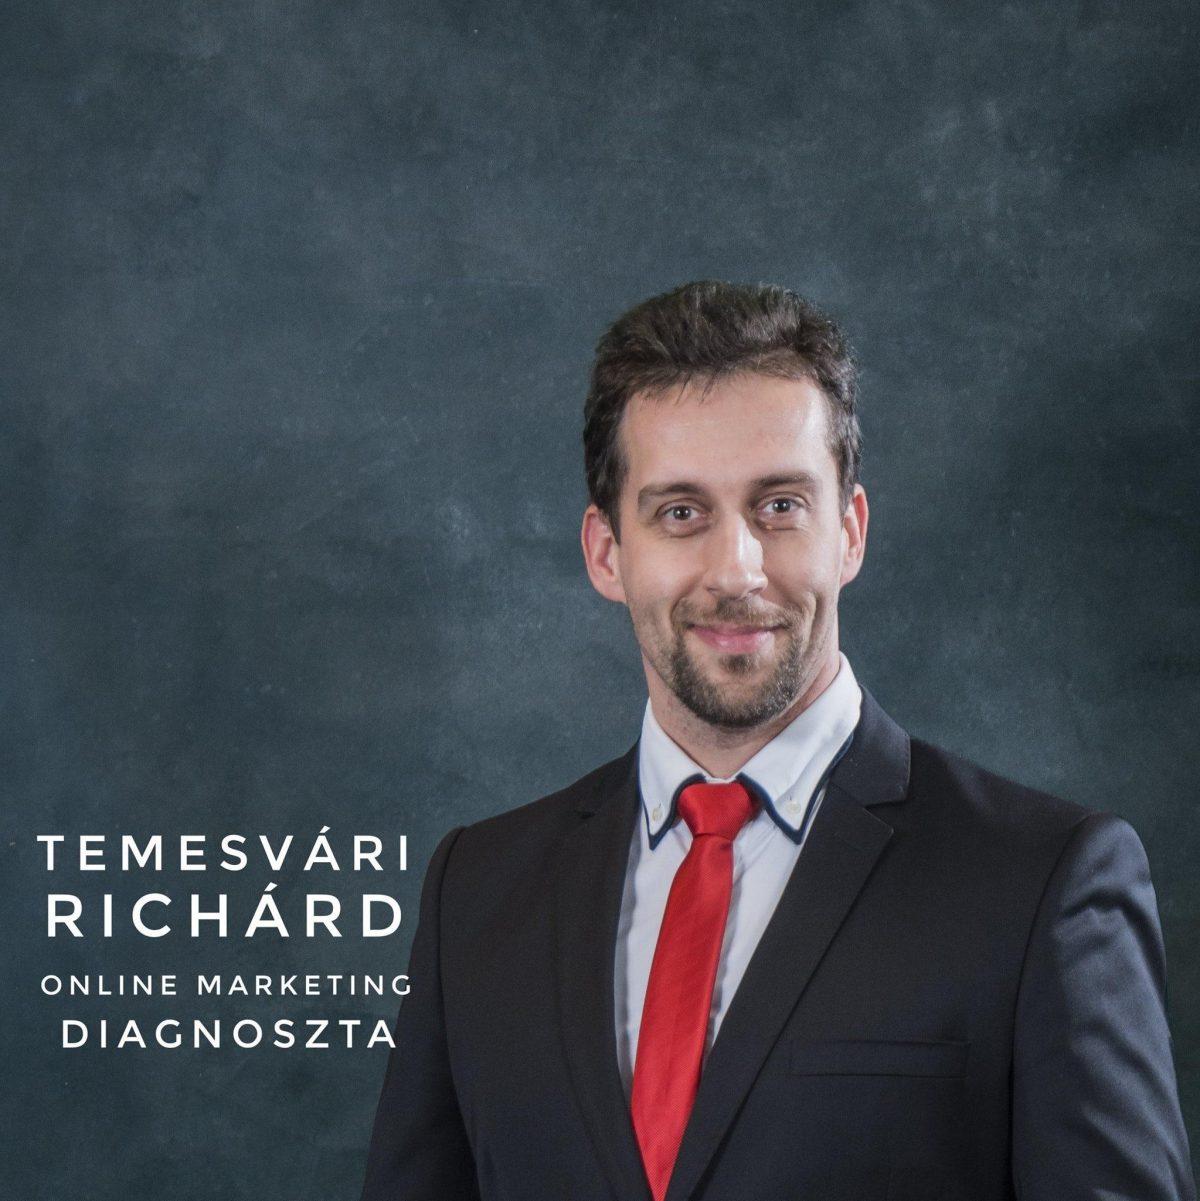 Temesvári Richárd vagyok, a profitáló weboldalak szakértője, online marketing diagnoszta, tanácsadó.